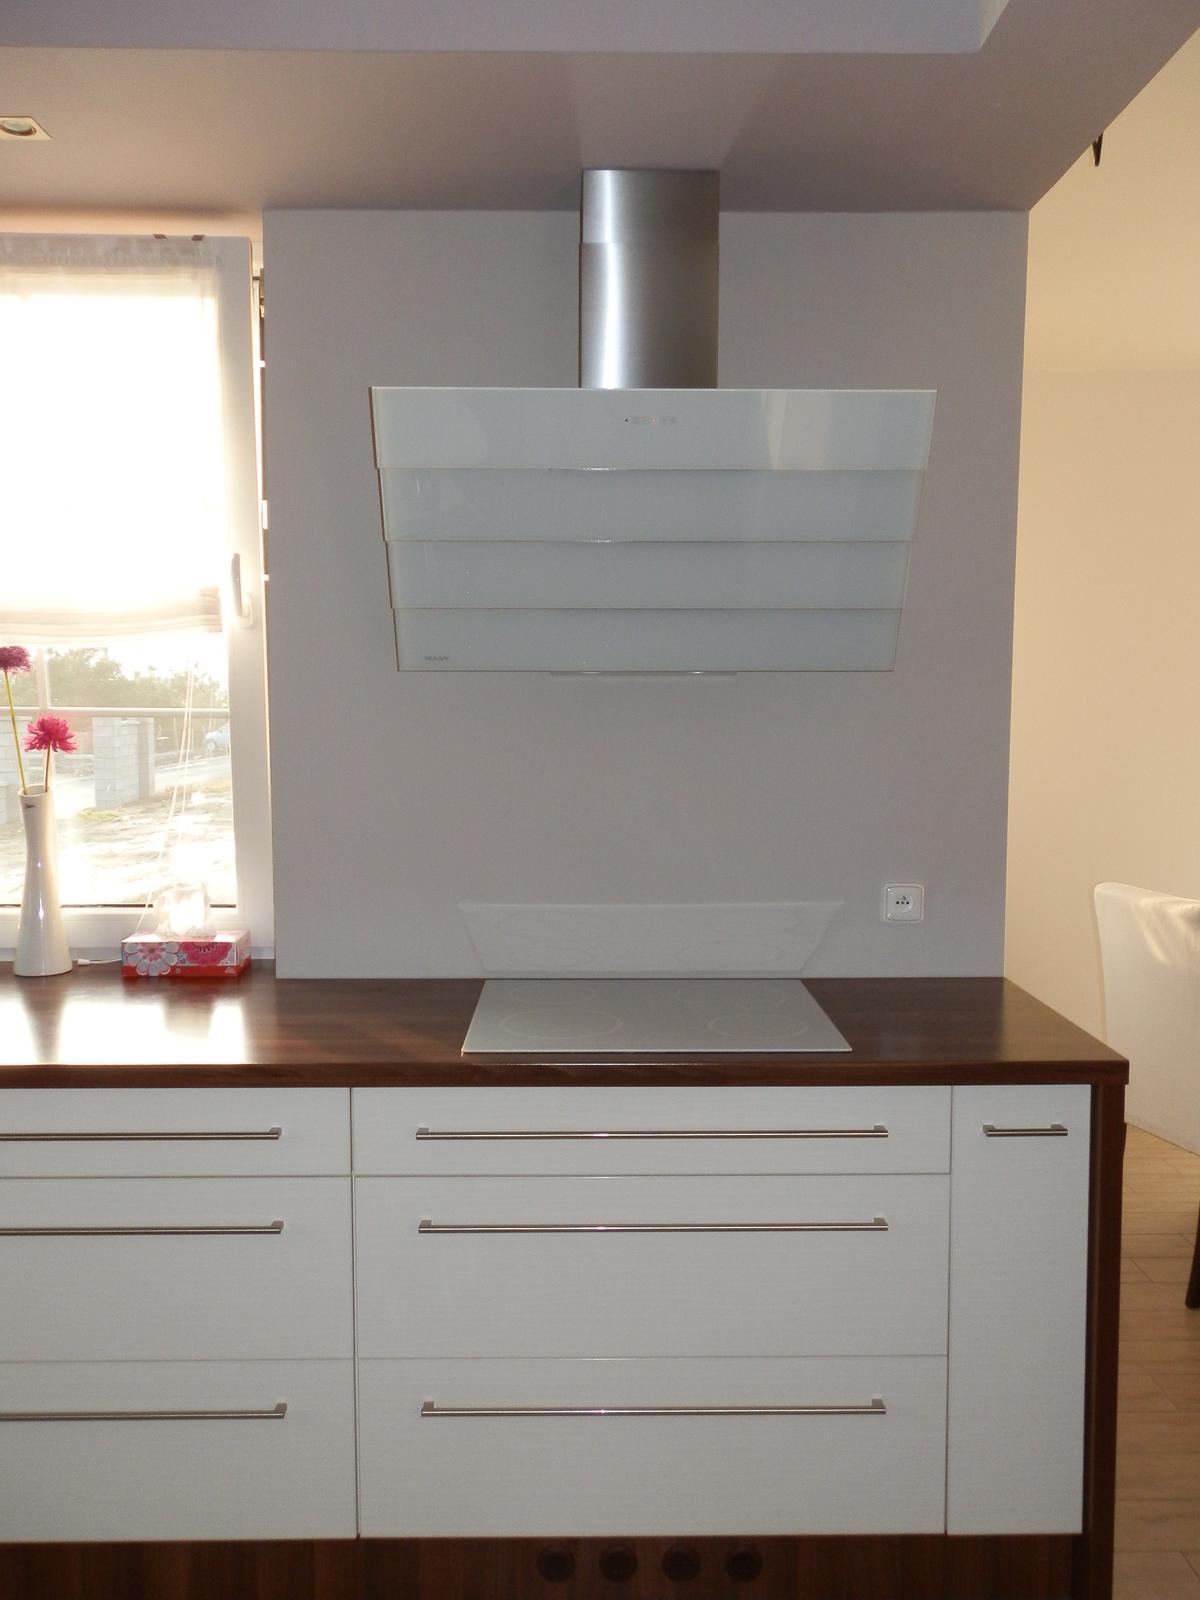 Naše kuchyň :-) - Konečně digestoř :-) Tak ještě vybrat obklad...